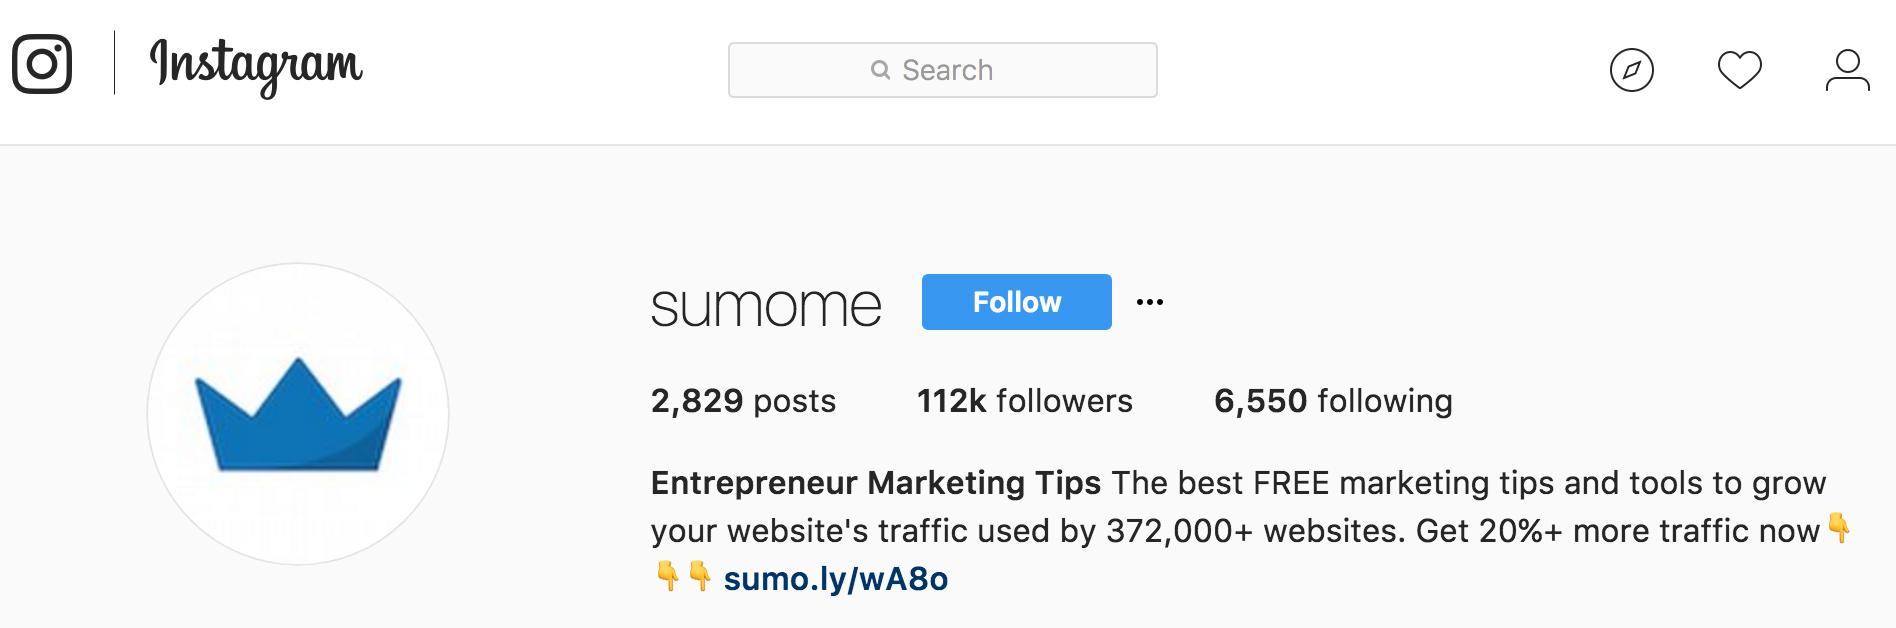 Screenshot of the Sumo Instagram account